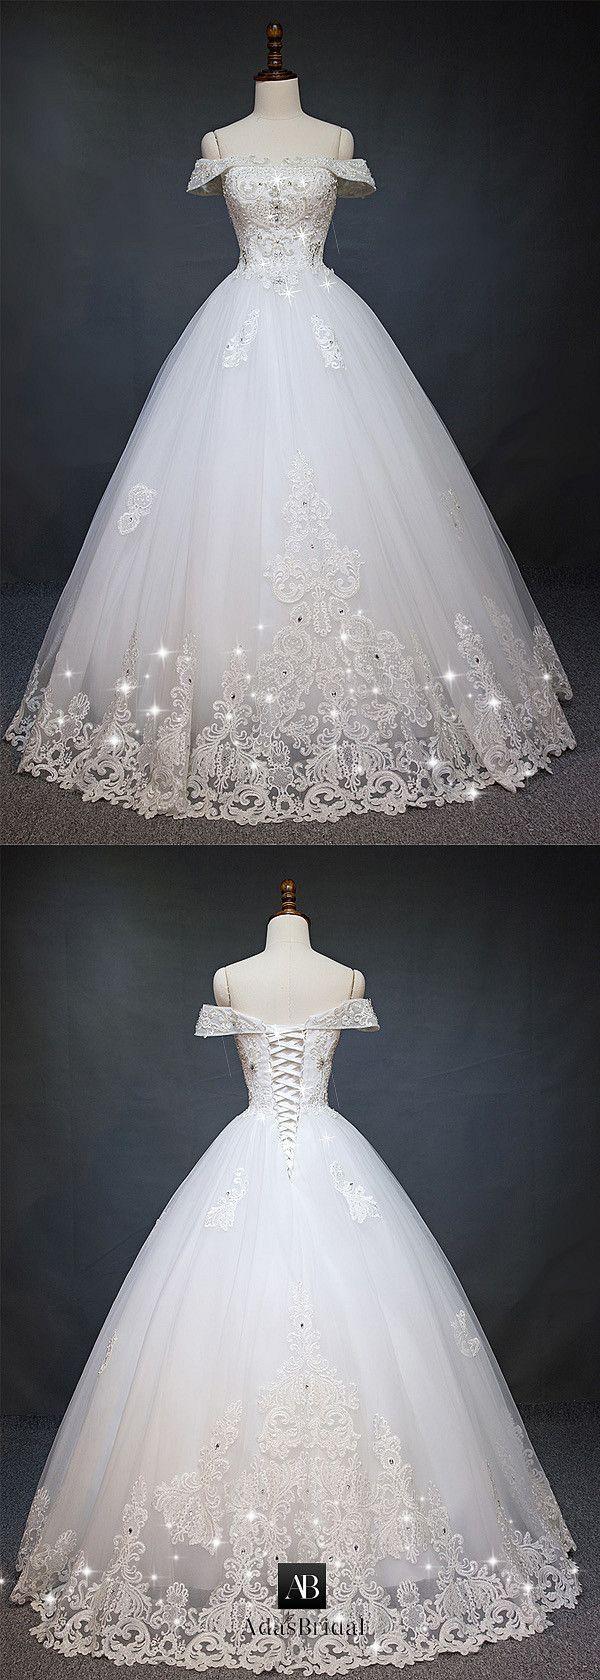 Gorgeous tulle offtheshoulder neckline ball gown wedding dress